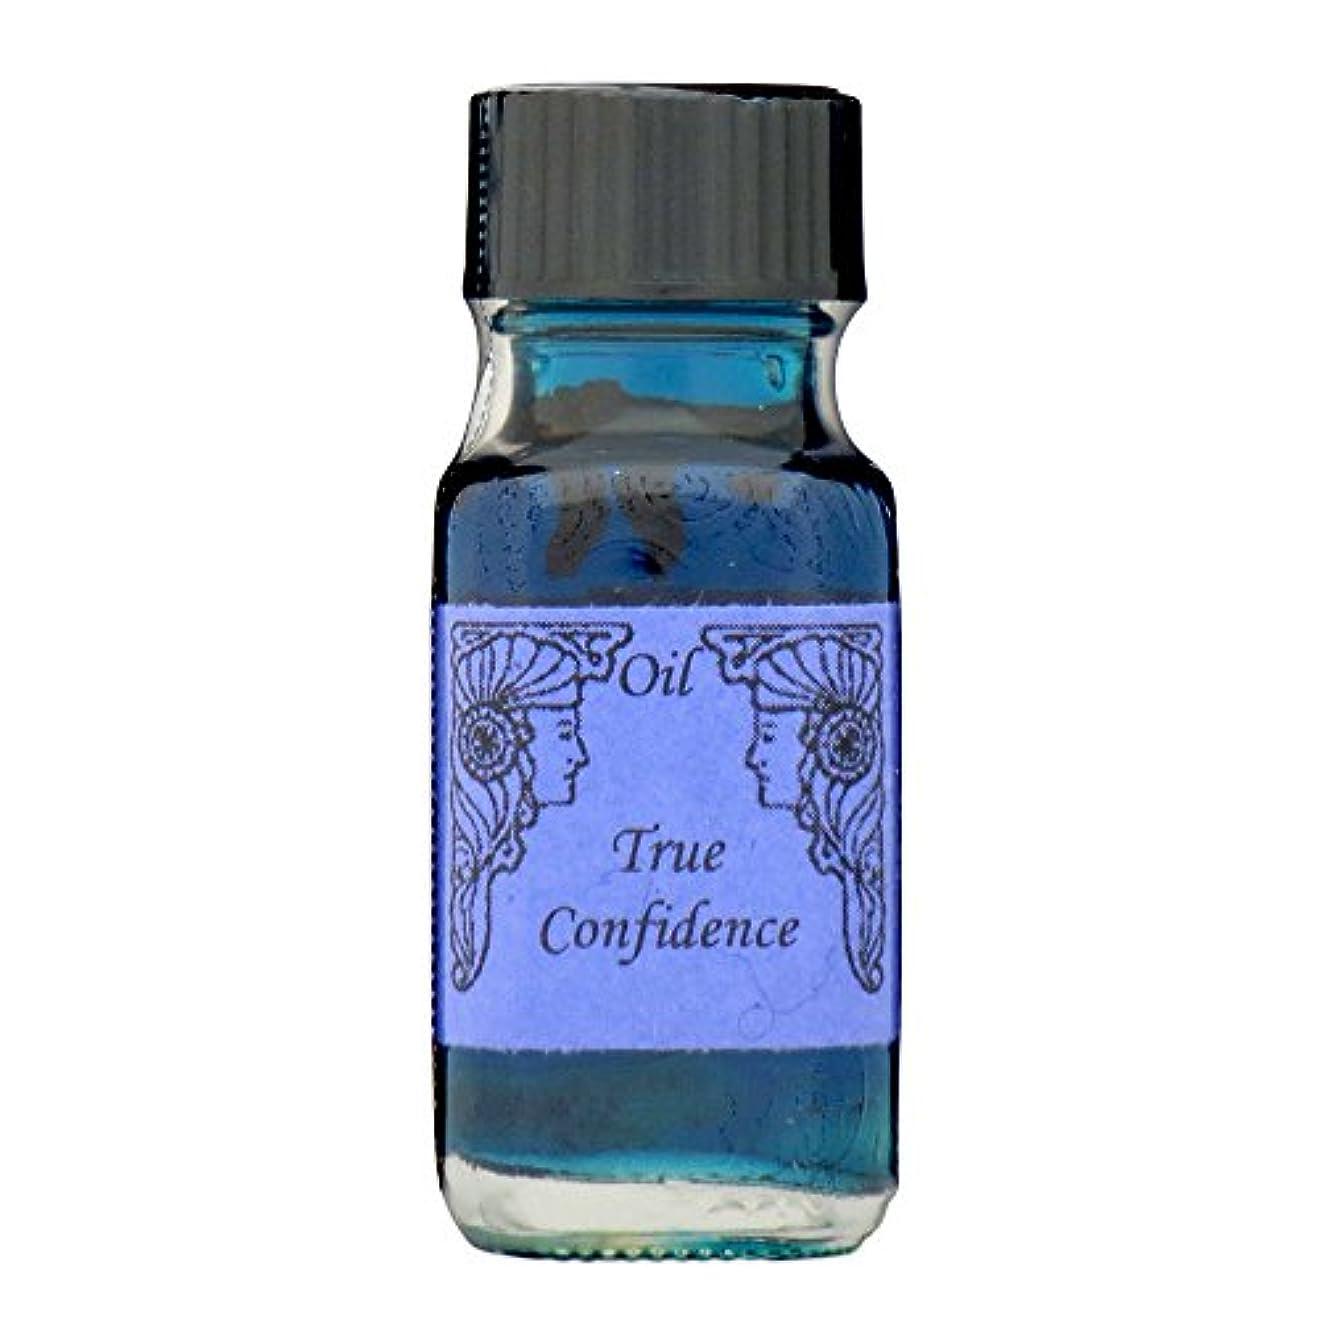 脱走加速する頬アンシェントメモリーオイル トゥルーコンフィデンス (真の自信) 15ml (Ancient Memory Oils)